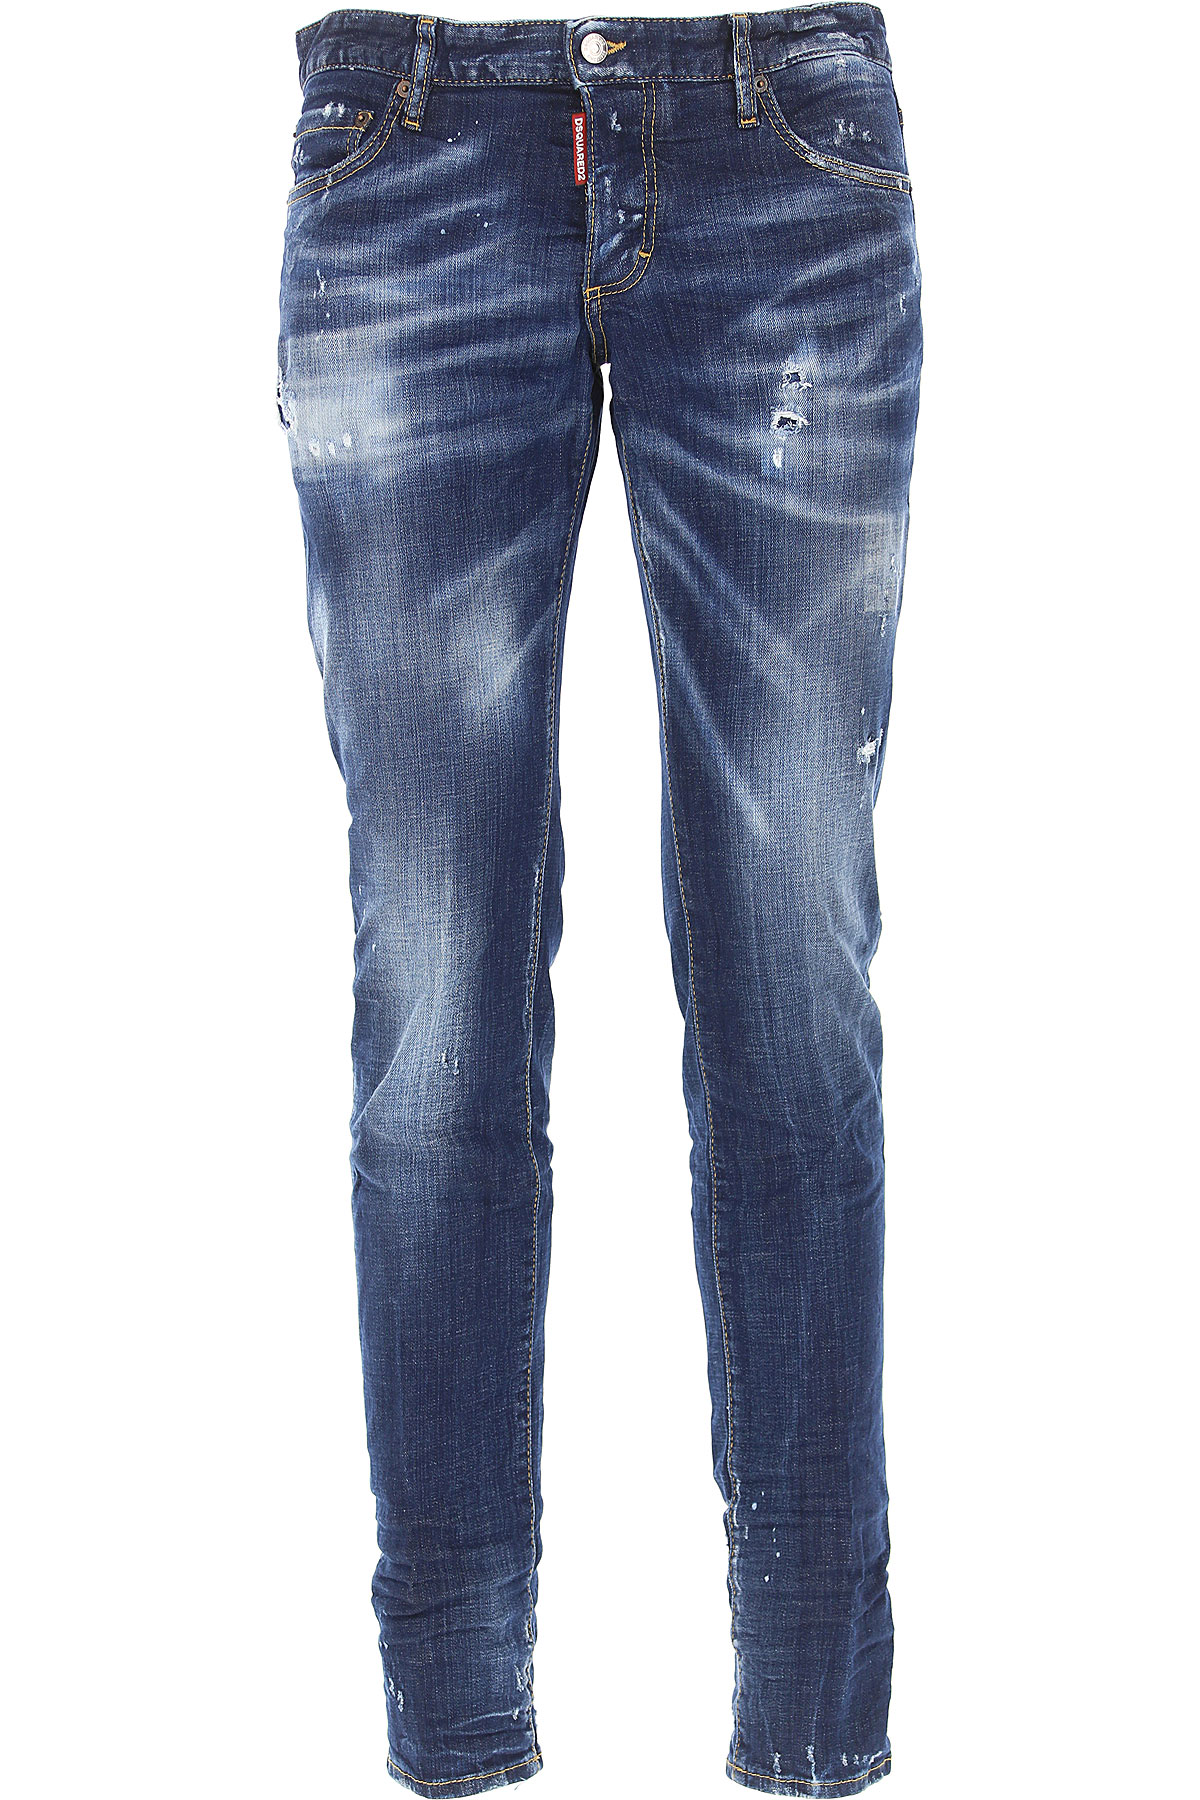 Dsquared2 Jeans, Slim Jean, Denim Blue, Cotton, 2017, 28 32 34